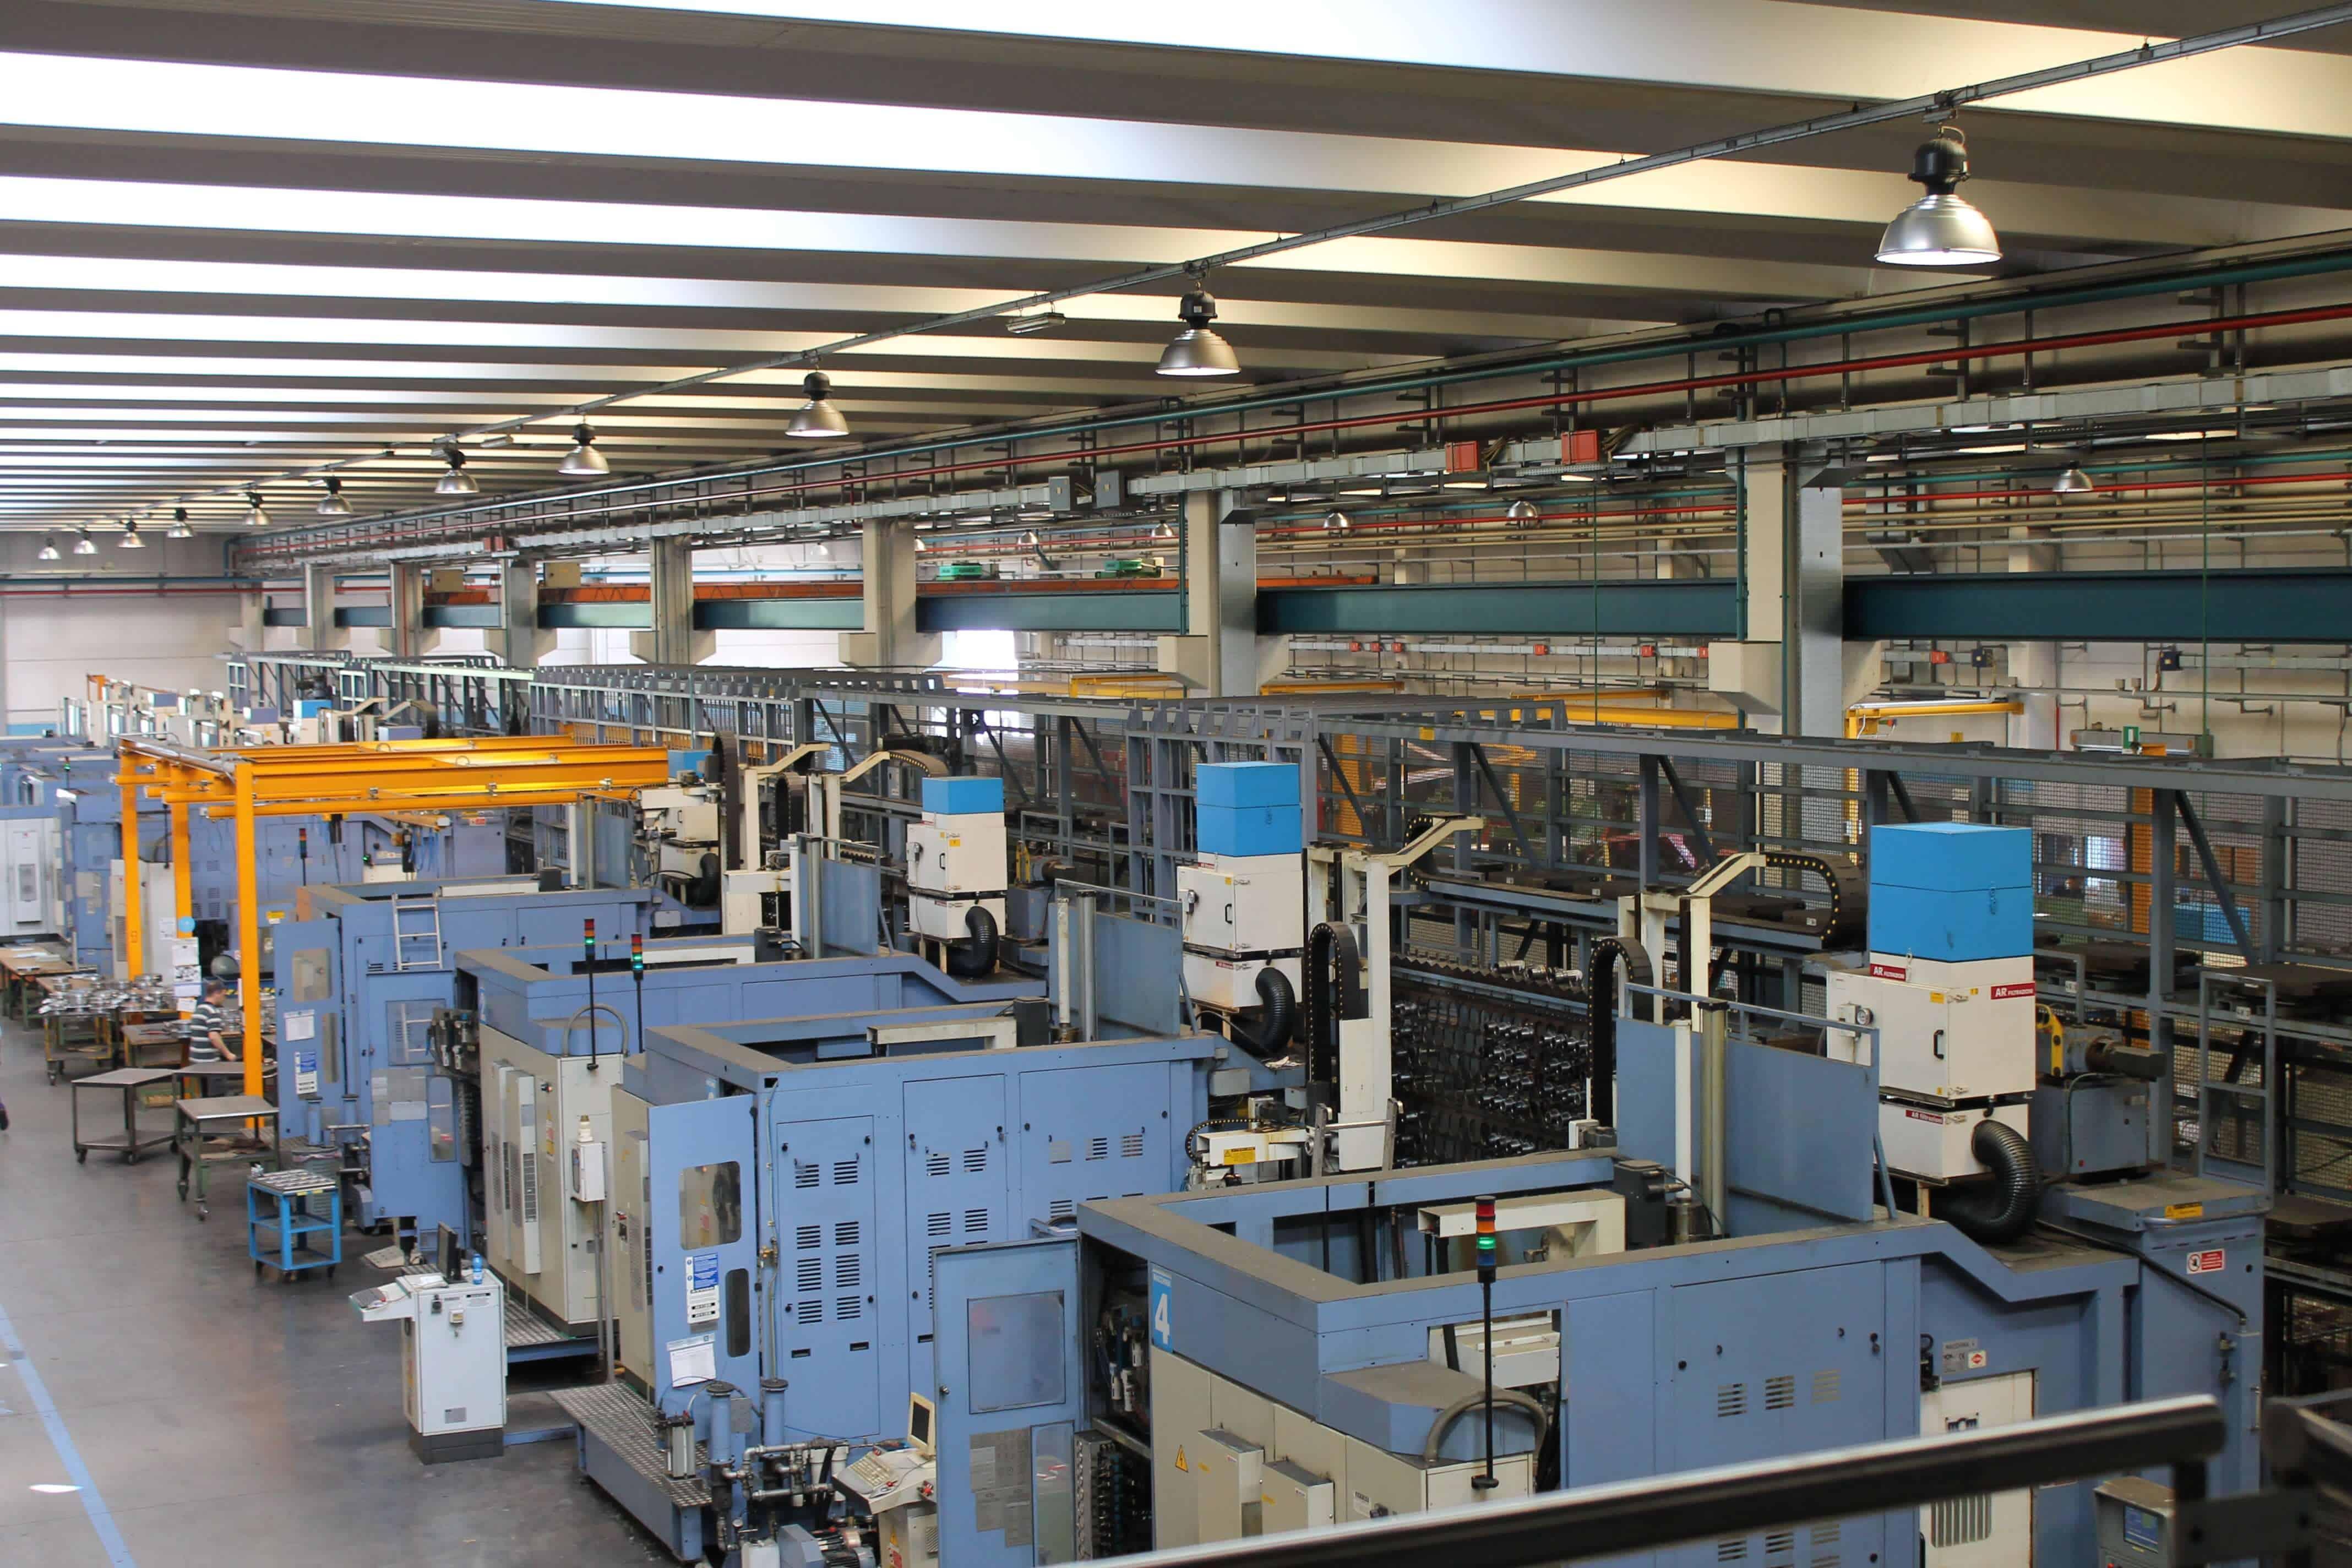 Industrielle Filter von Ölnebel für Drehmaschinen, Schleifmaschinen und CNC-Bearbeitungszentren